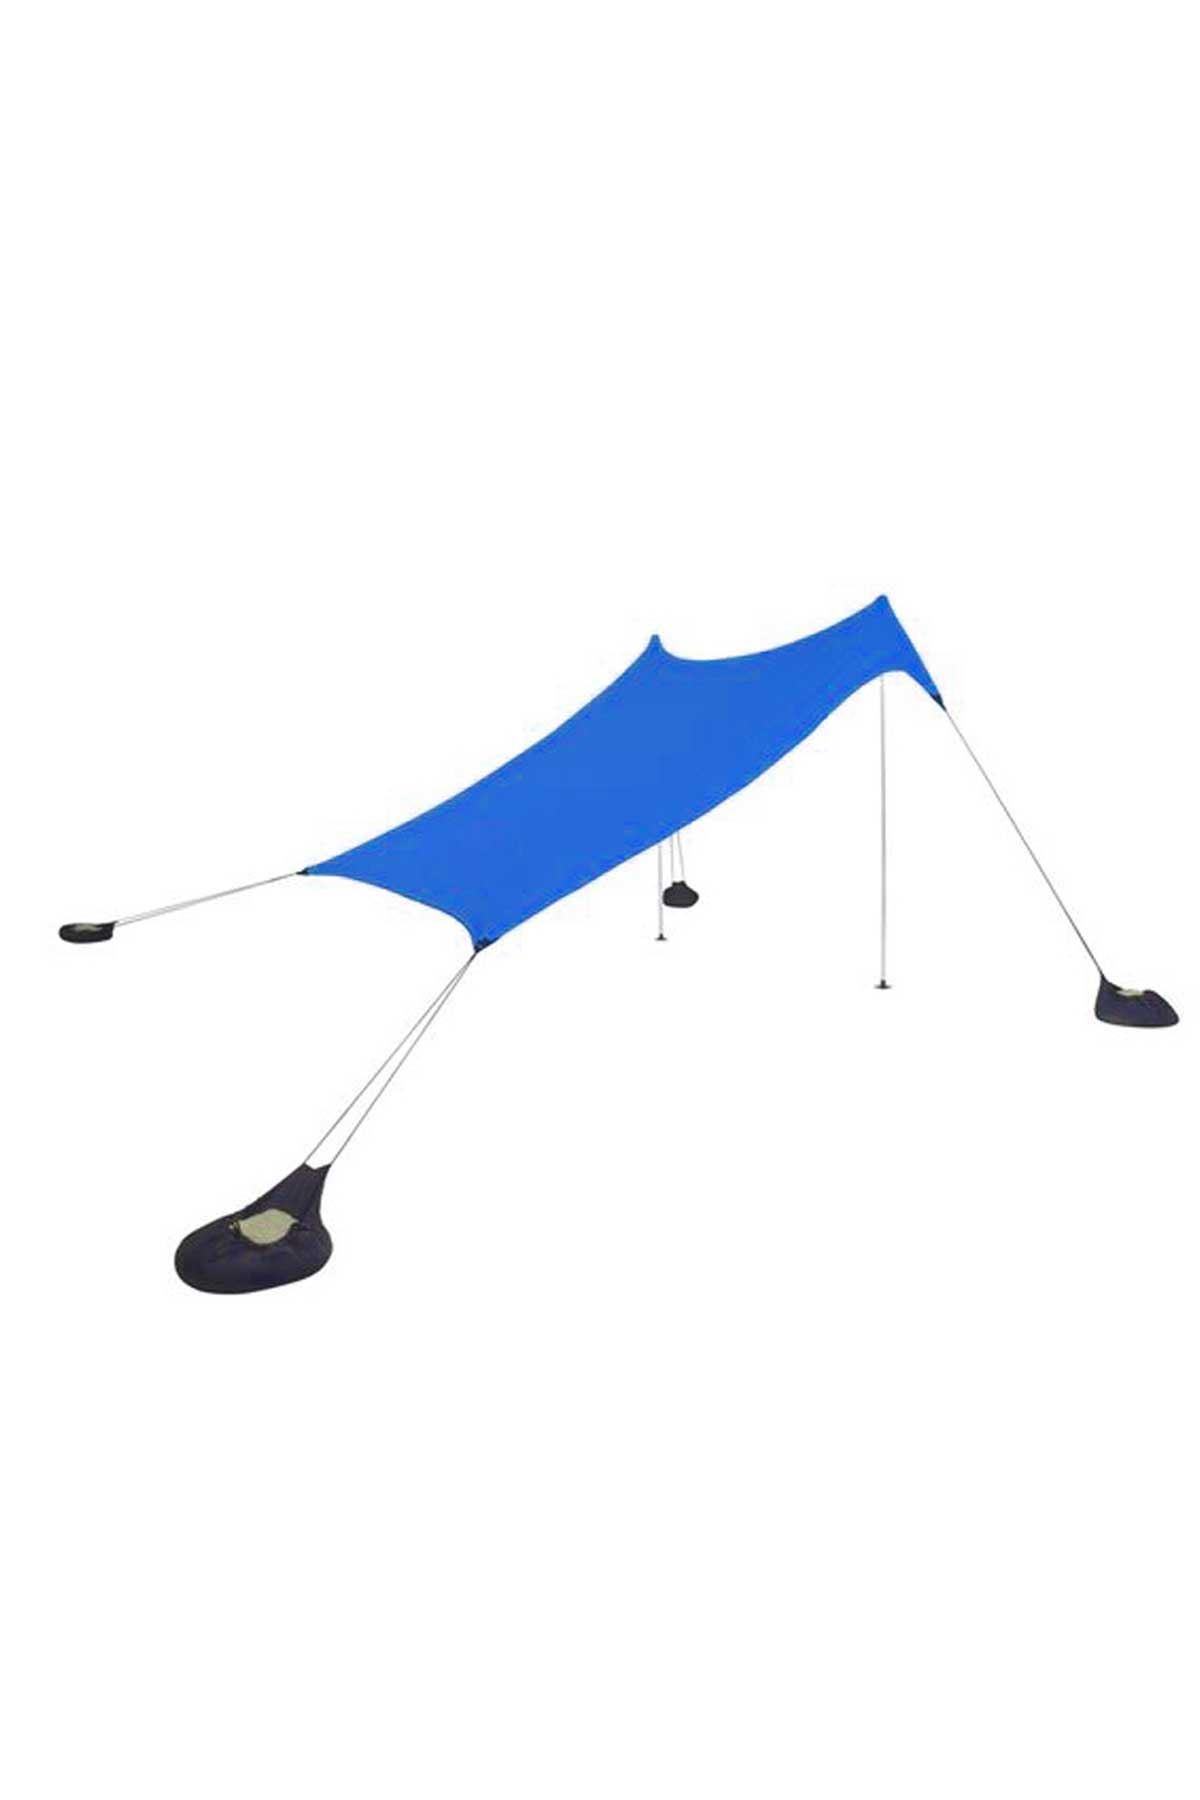 Mavi Bundera Zelt 2,30 Metre Gölgelik Güneşlik Tente Plaj Şemsiyesi